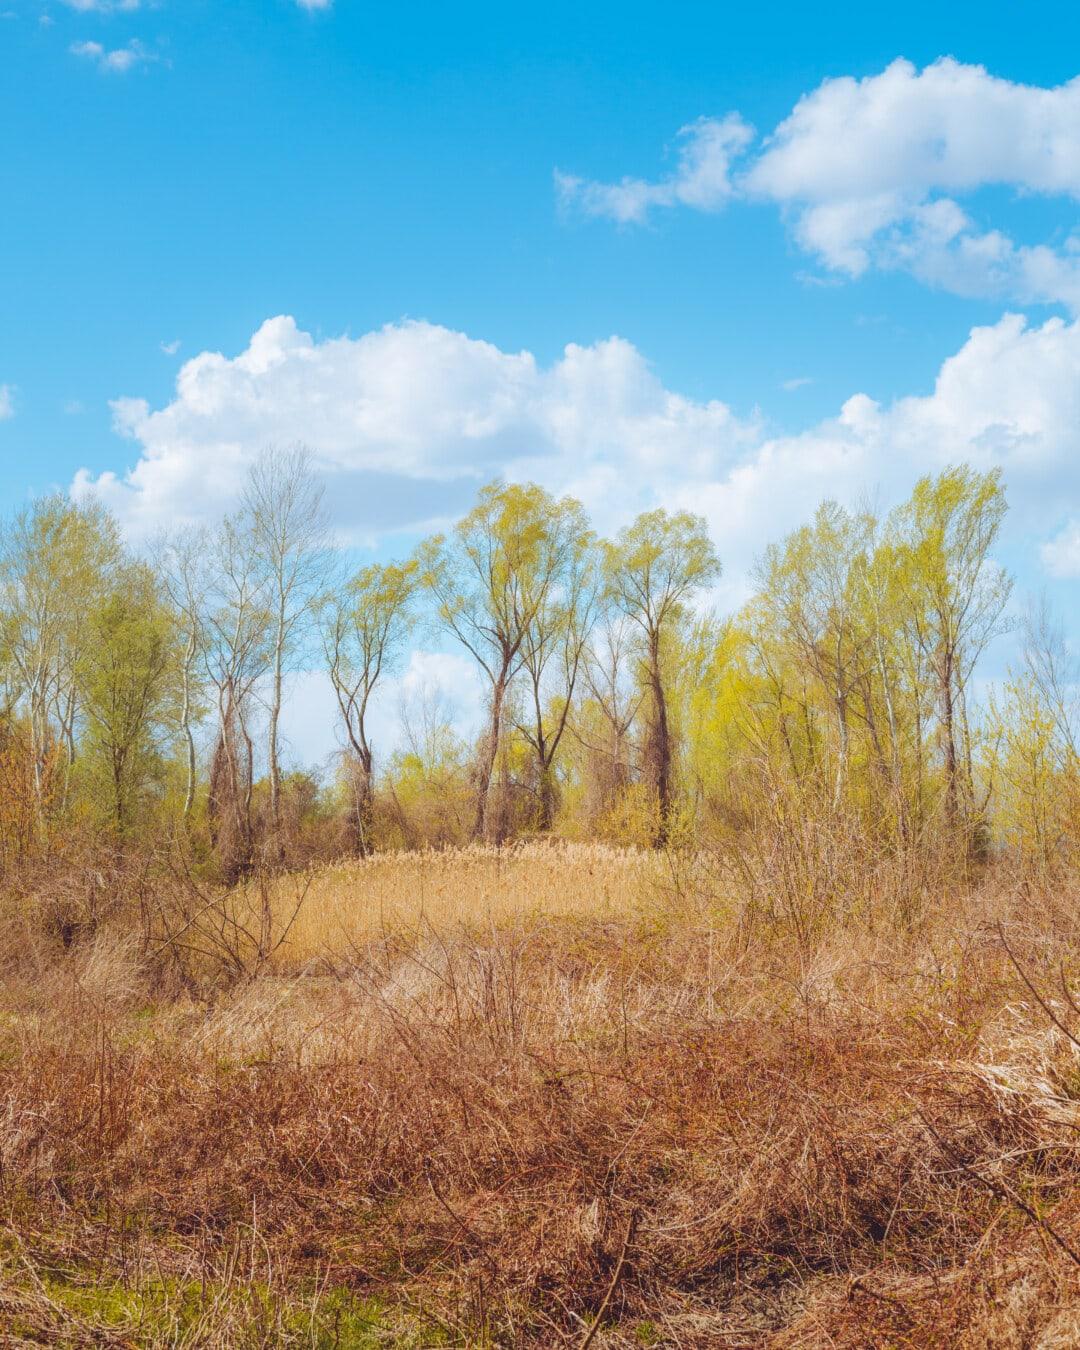 forêt, l'été, saison sèche, arbuste, buissons, herbe, paysage, campagne, prairie, nature